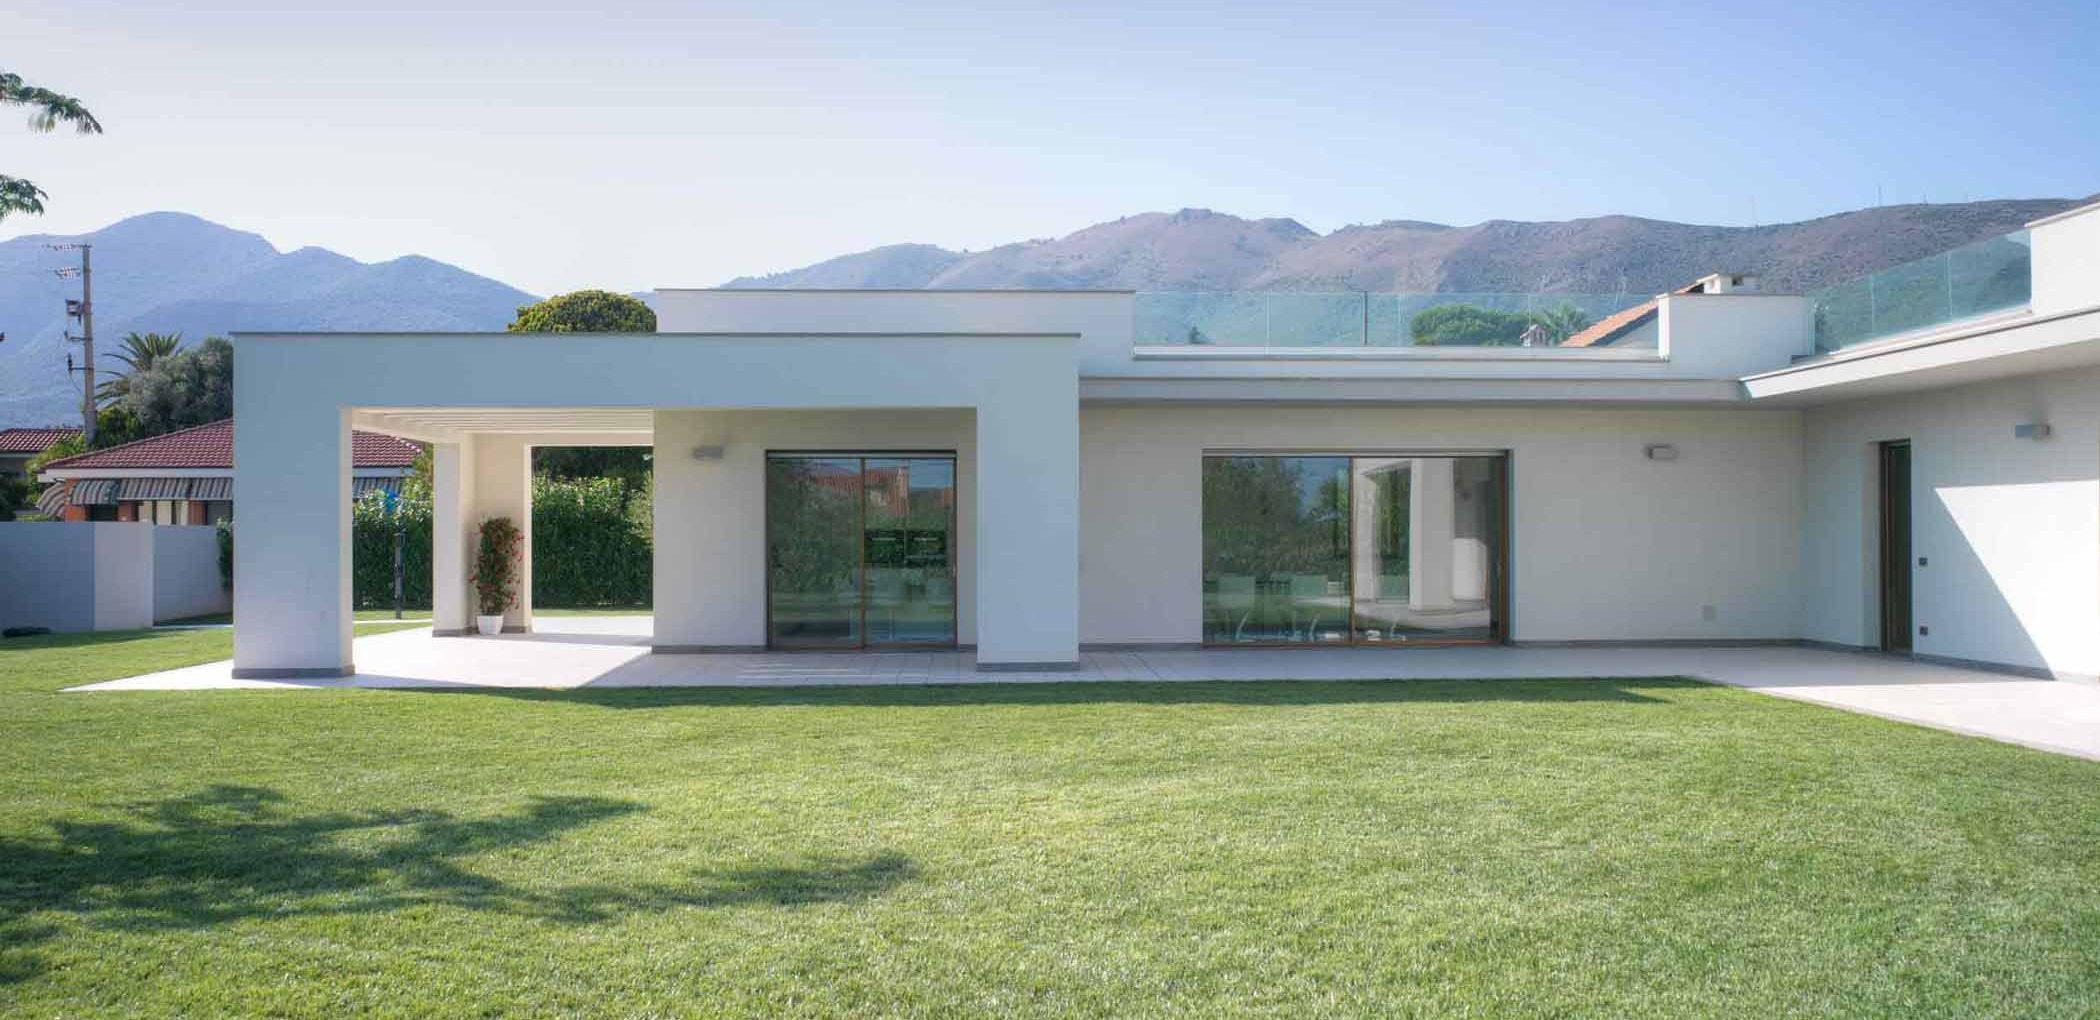 Villa Savona, immagine di copertina